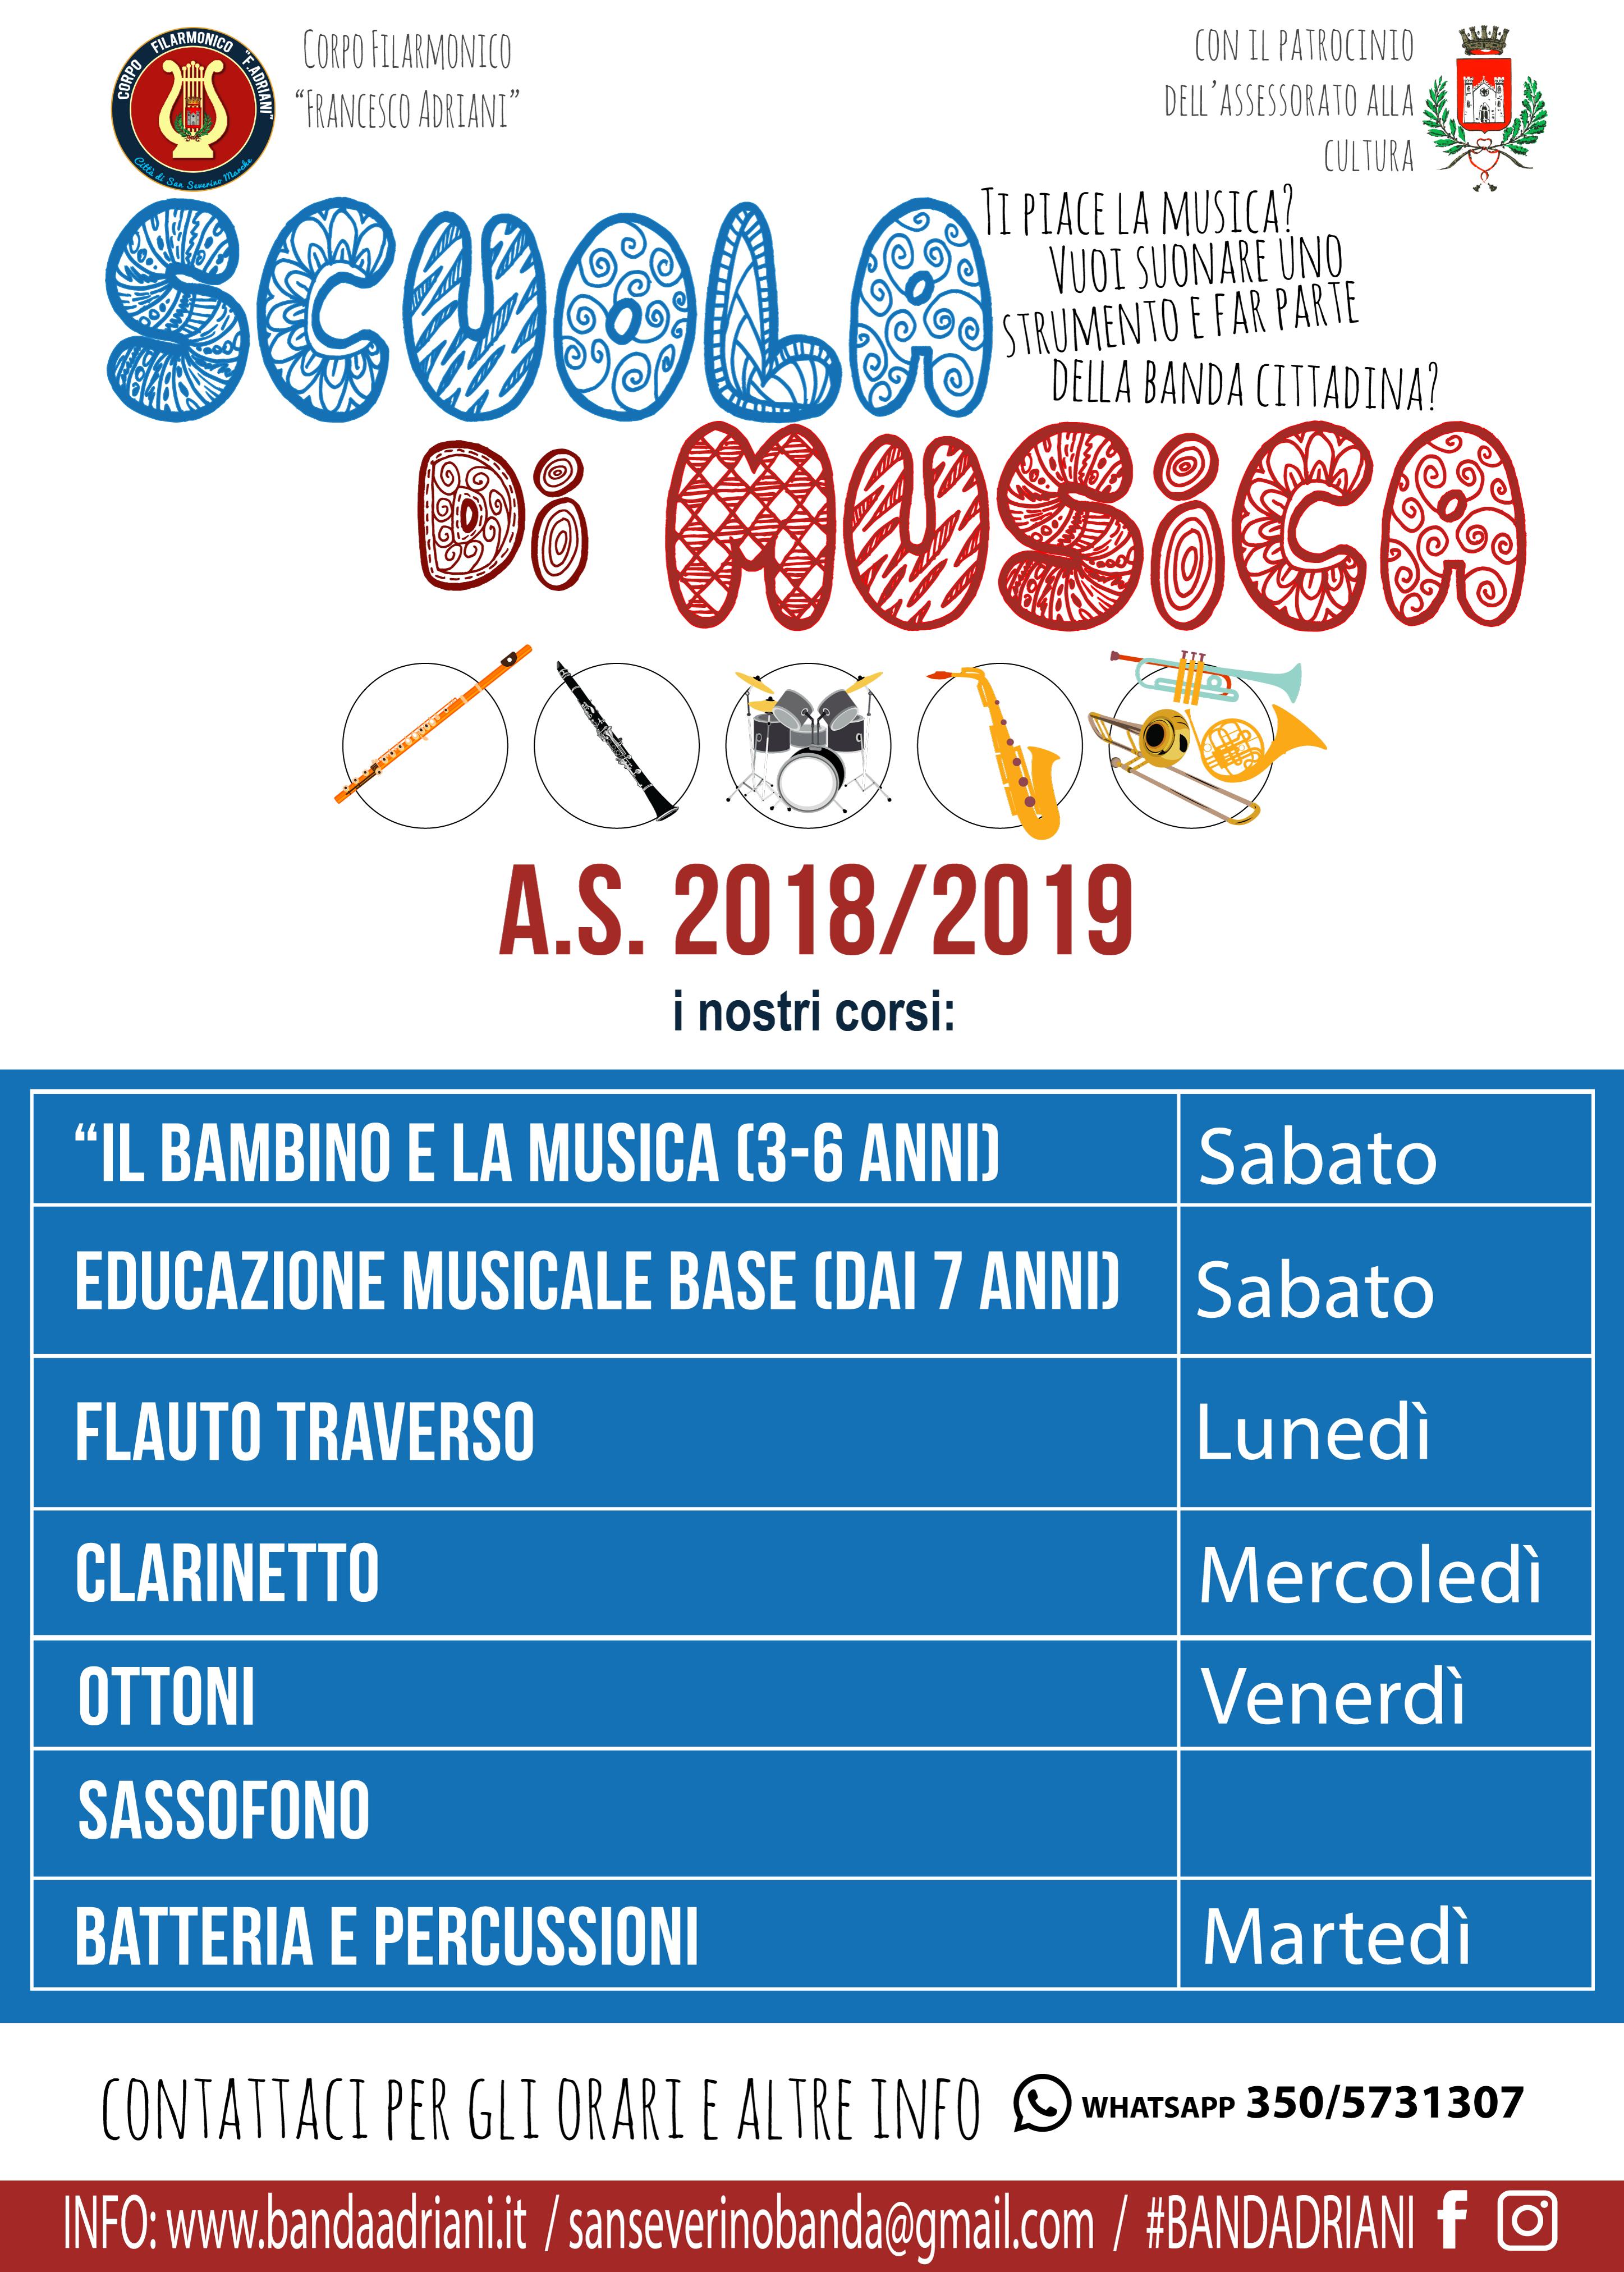 CALENDARIO CORSI A.S. 2018/2019